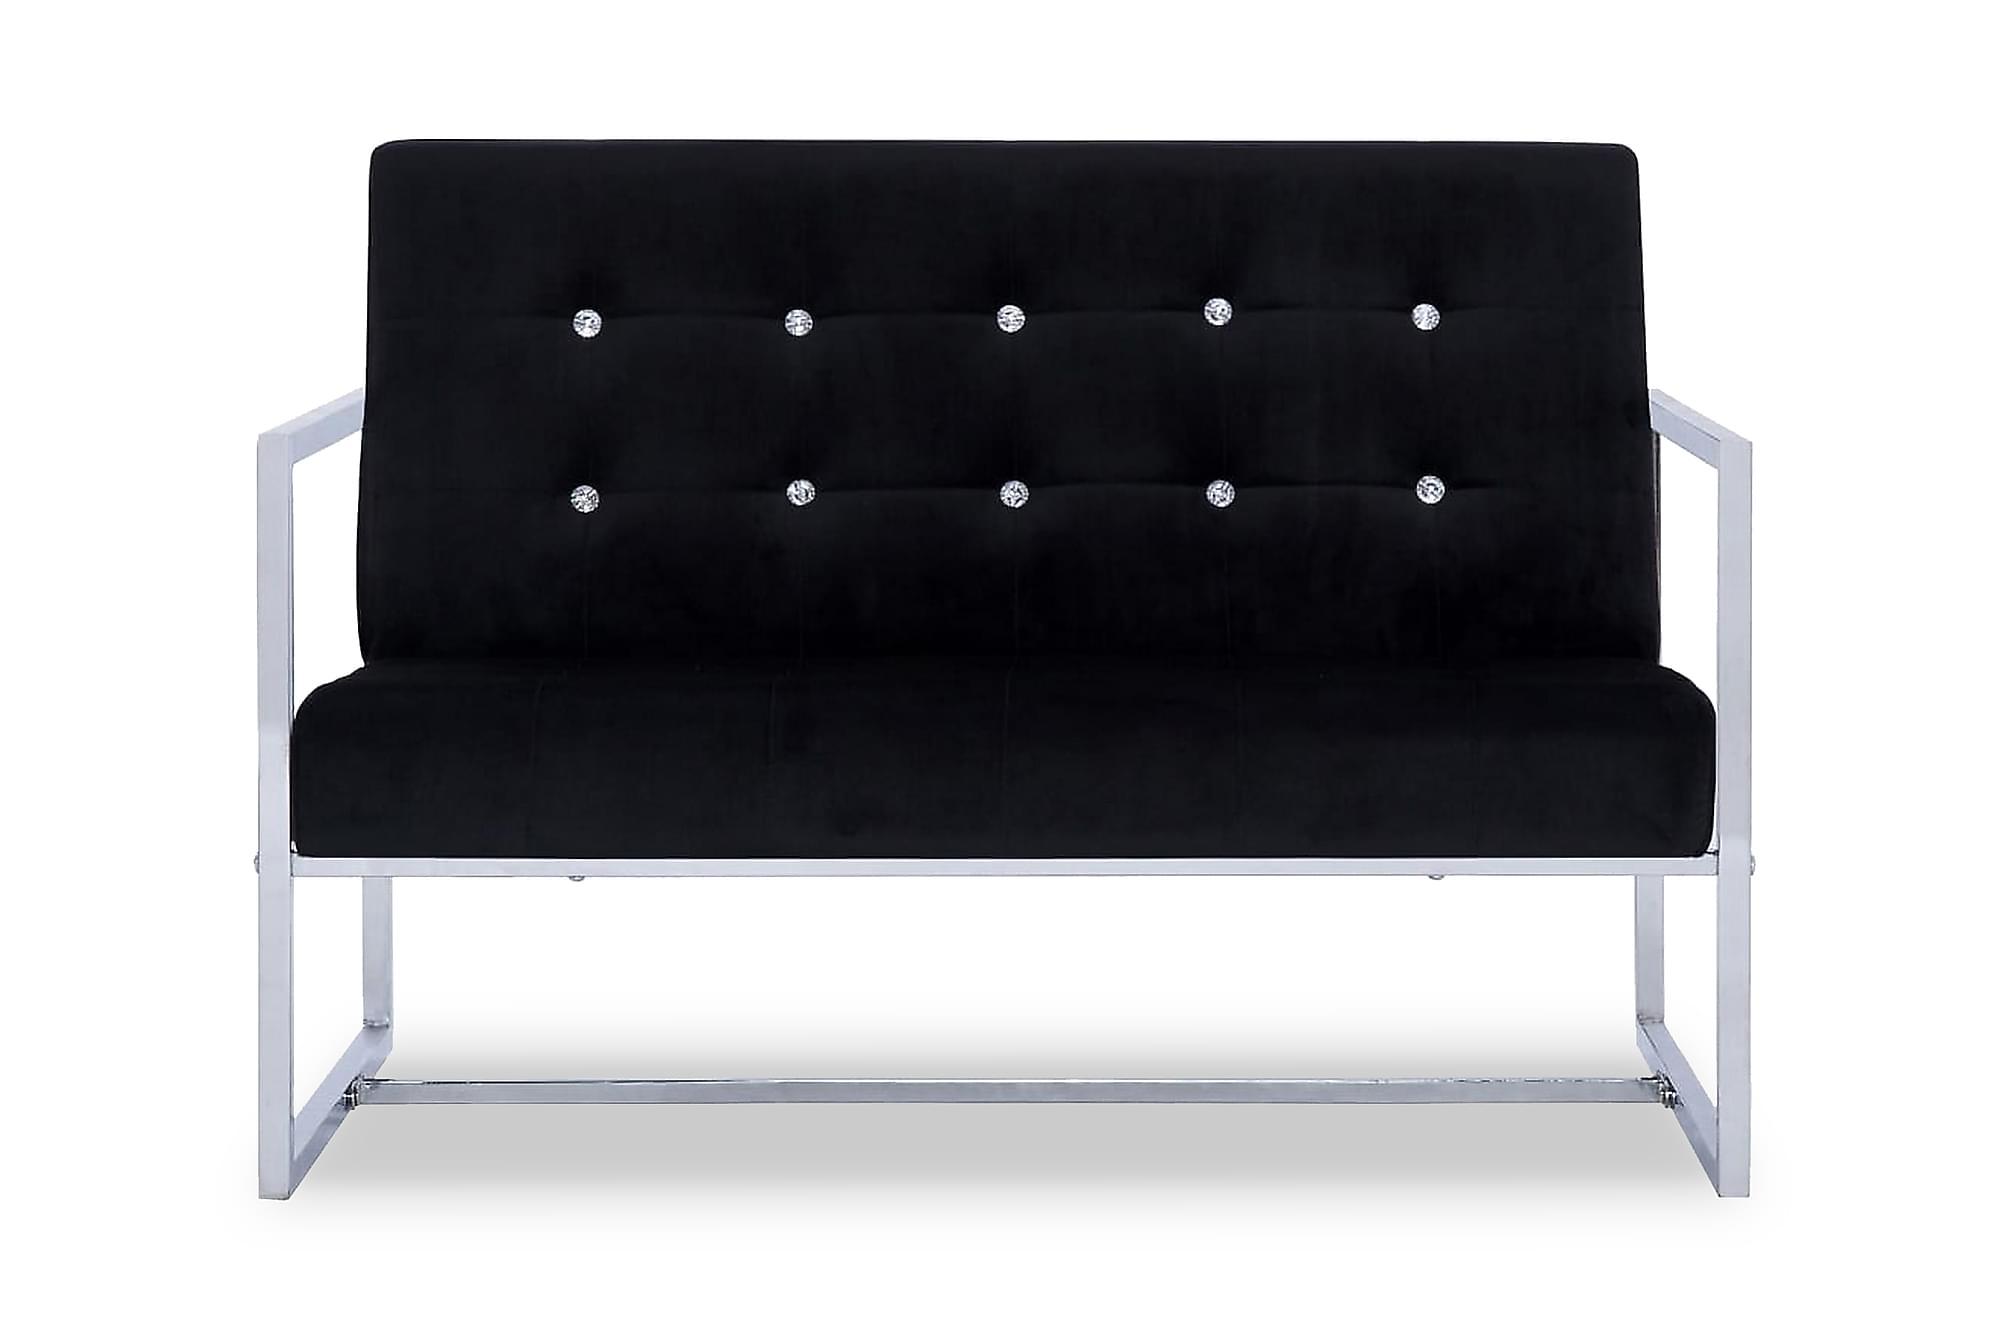 2-sitssoffa med armstöd svart krom och sammet, 2-sits soffor